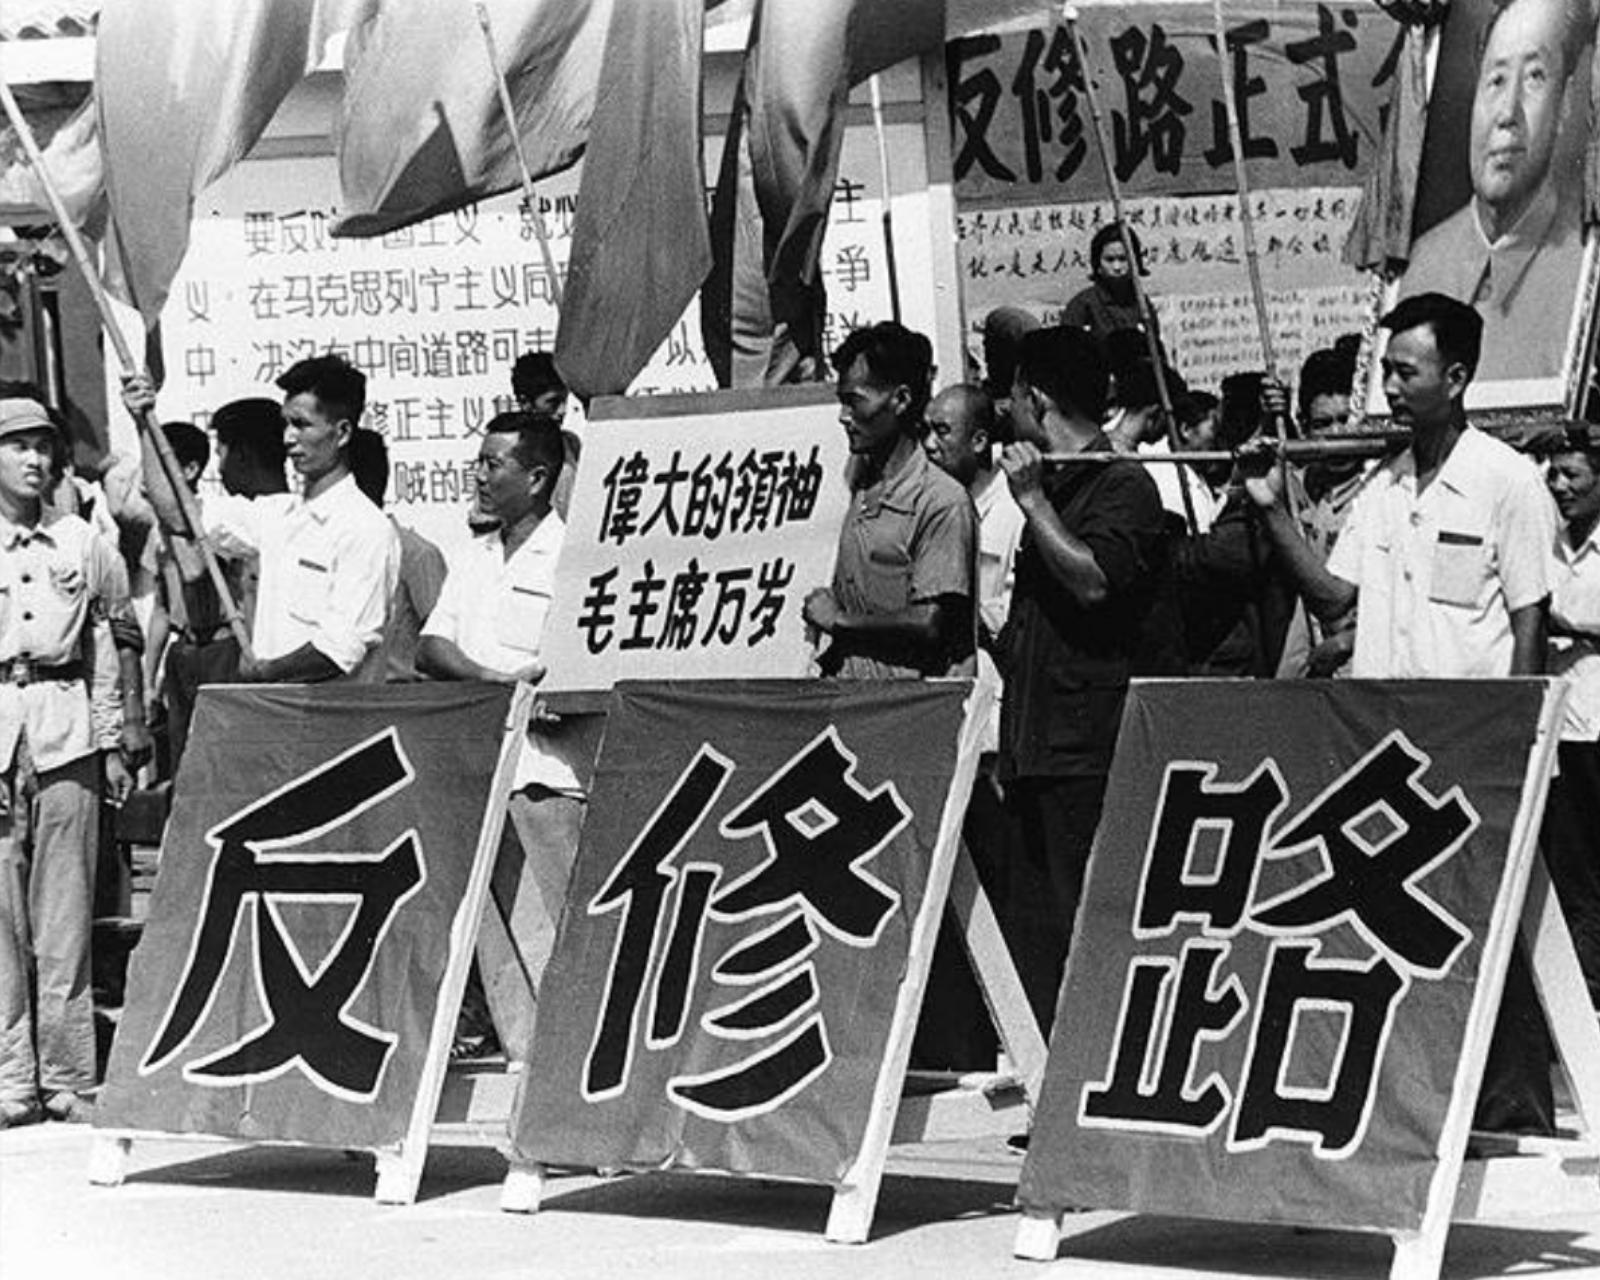 причины культурной революции в китае